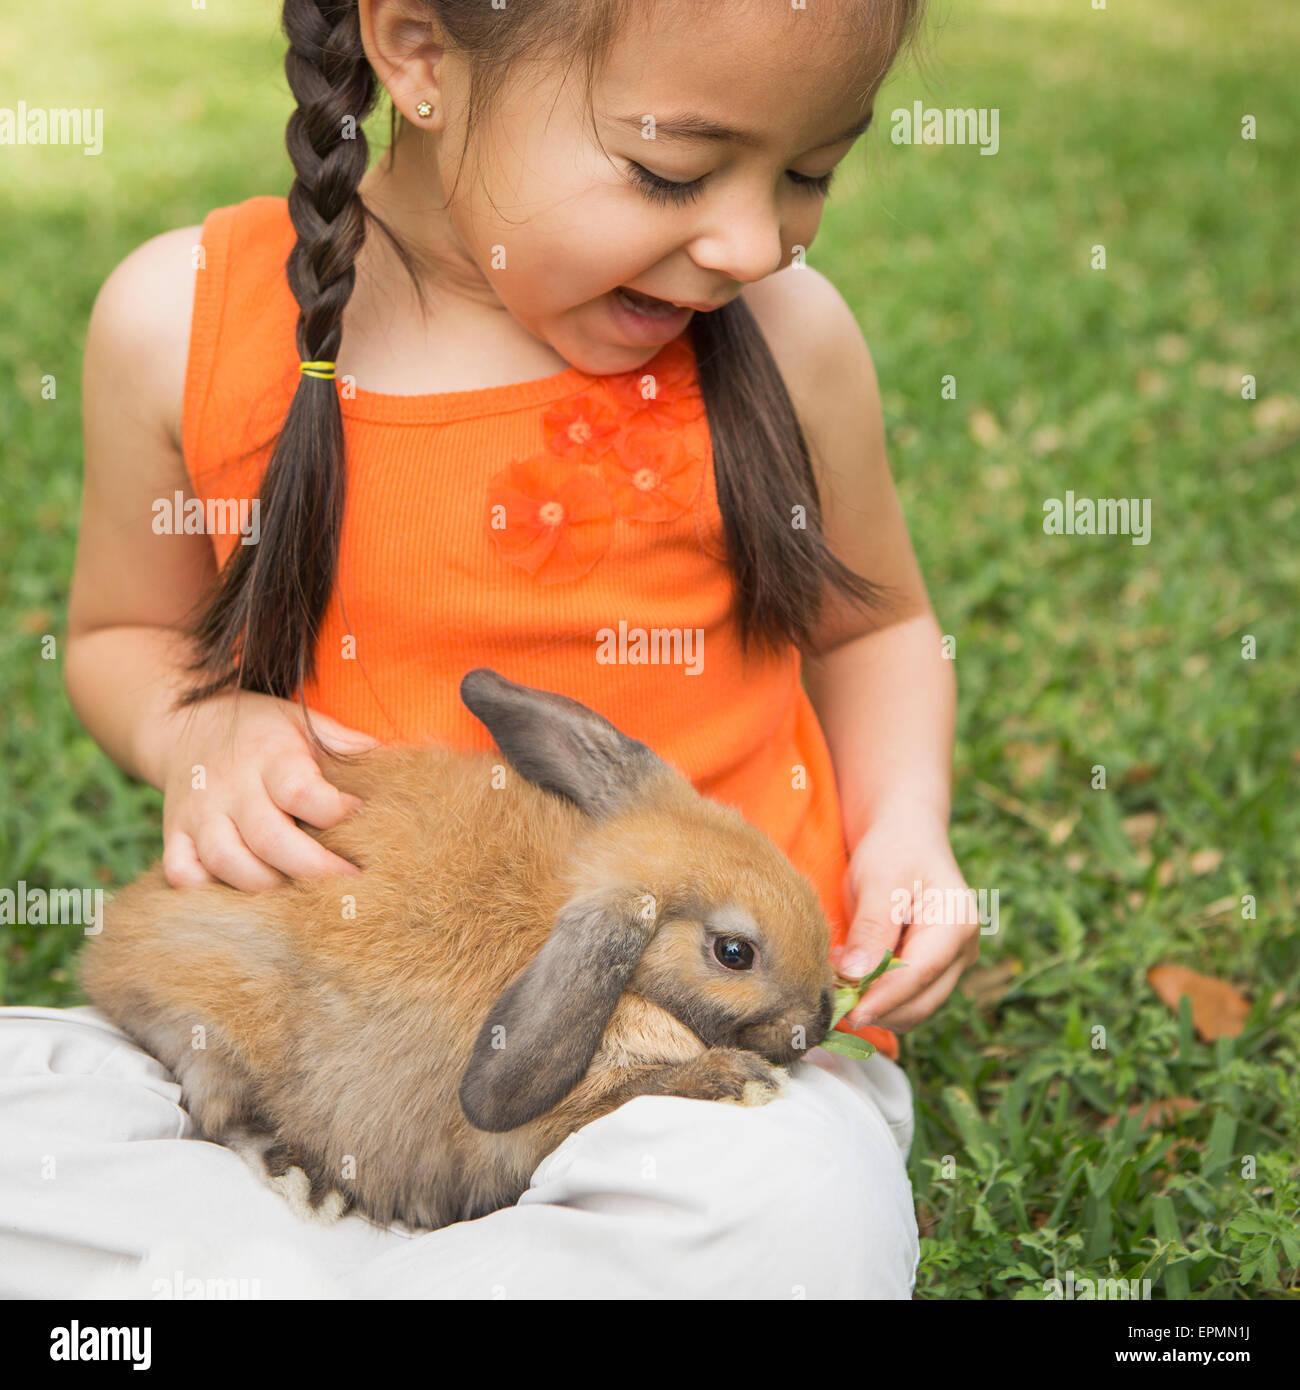 Un enfant avec un lapin brun sur ses genoux. Photo Stock